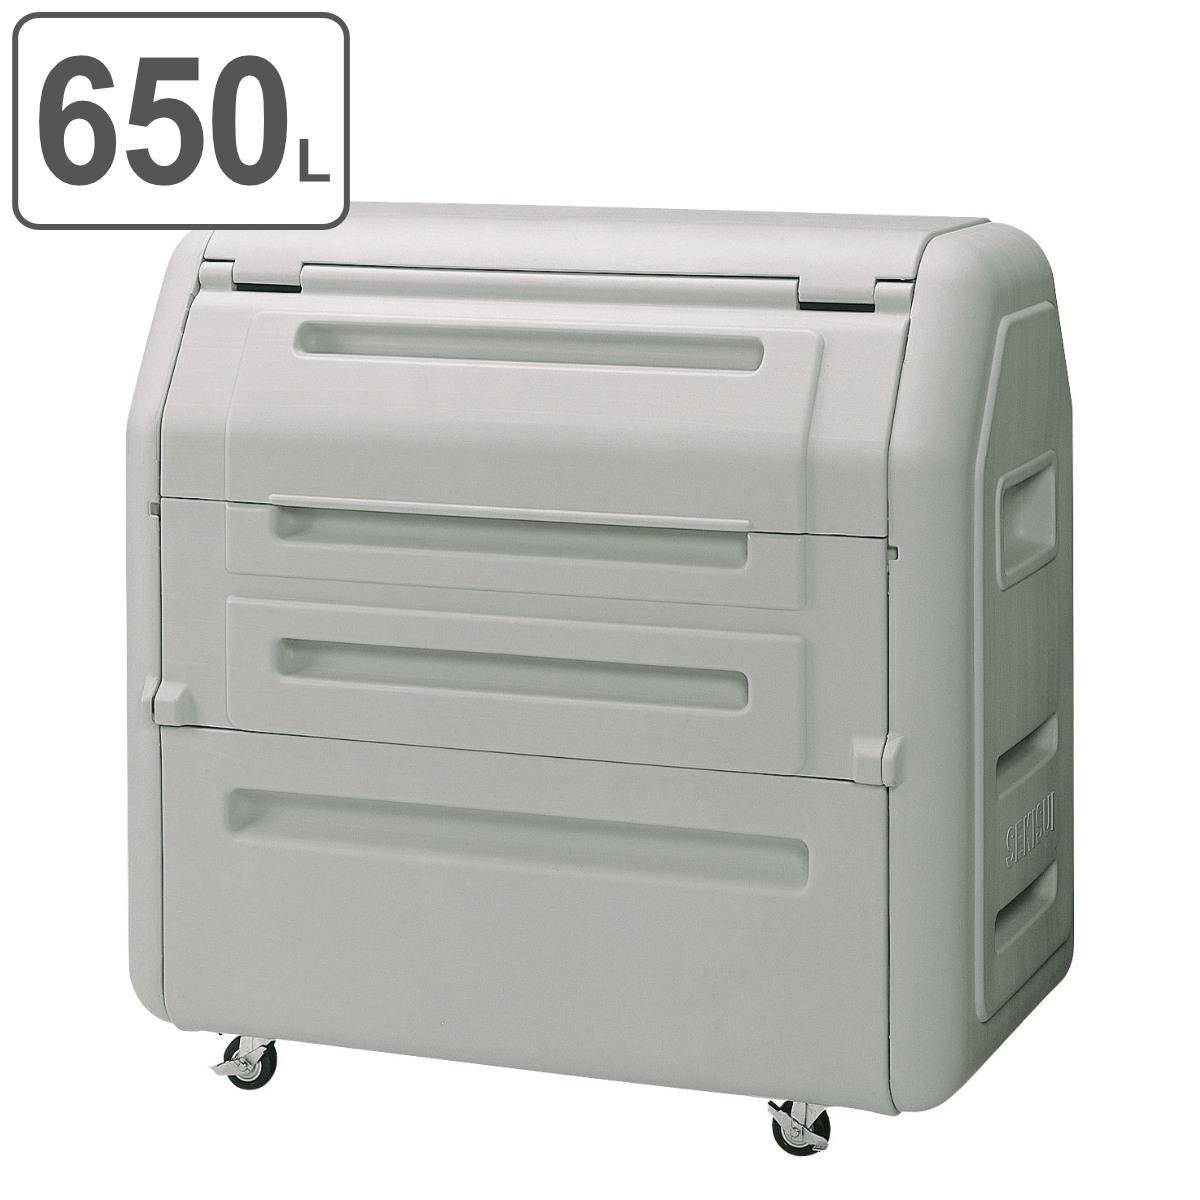 ダストボックス #700 (大型ゴミ箱 回収用 山崎産業 送料無料 )